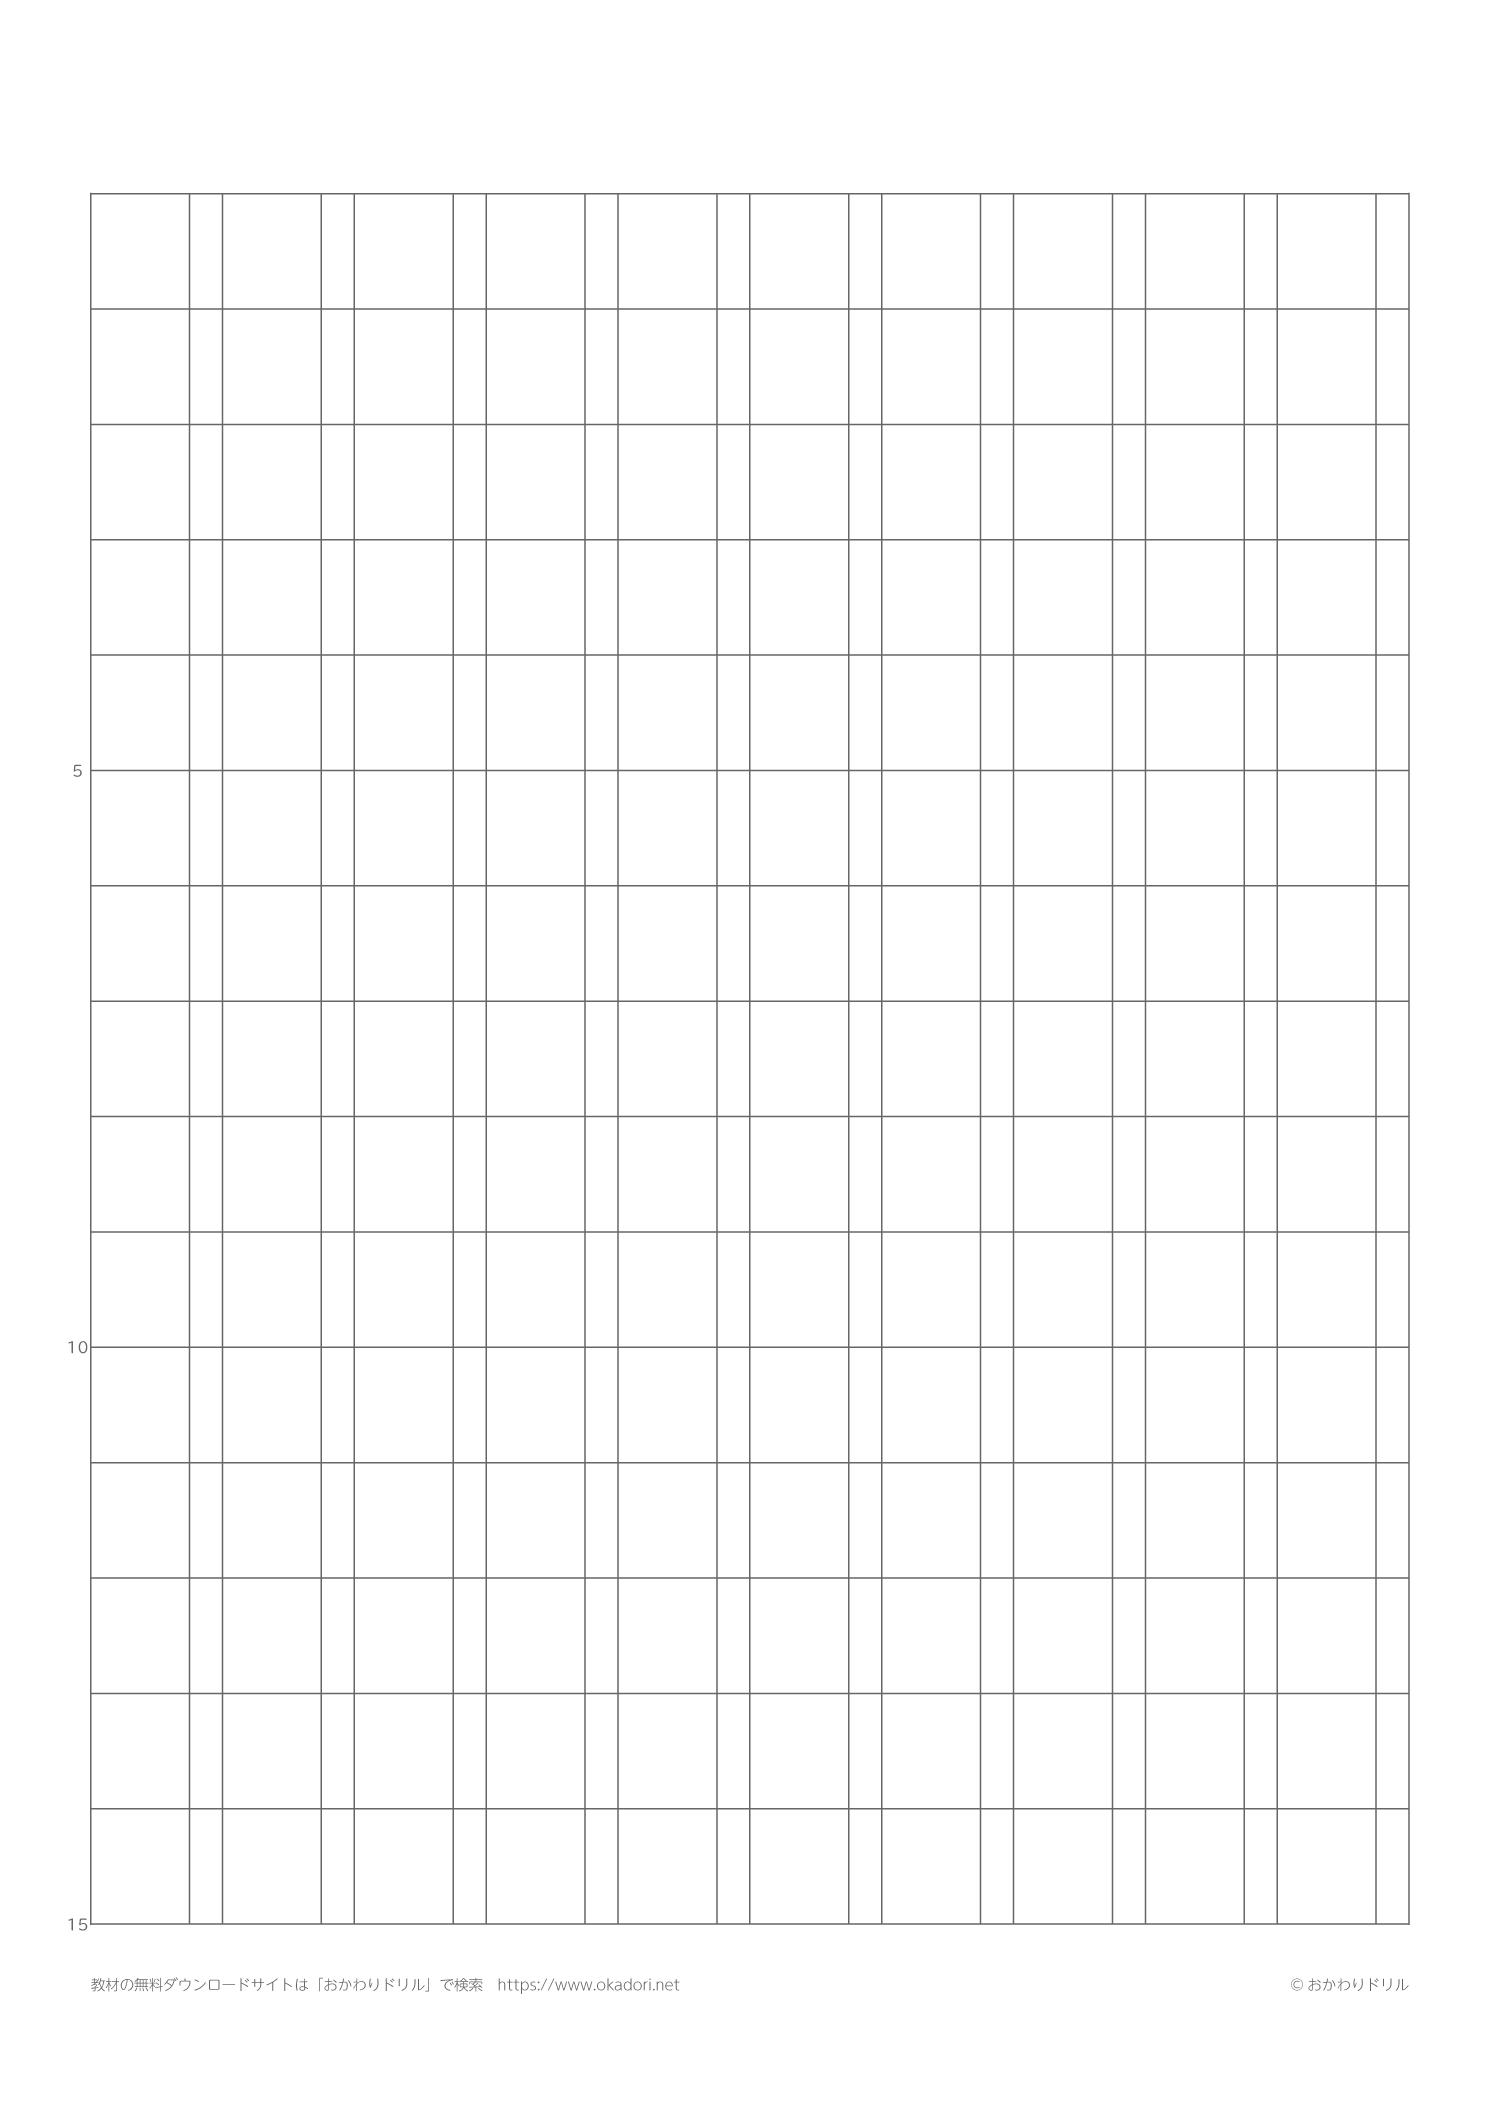 漢字150字ノート・B5サイズ